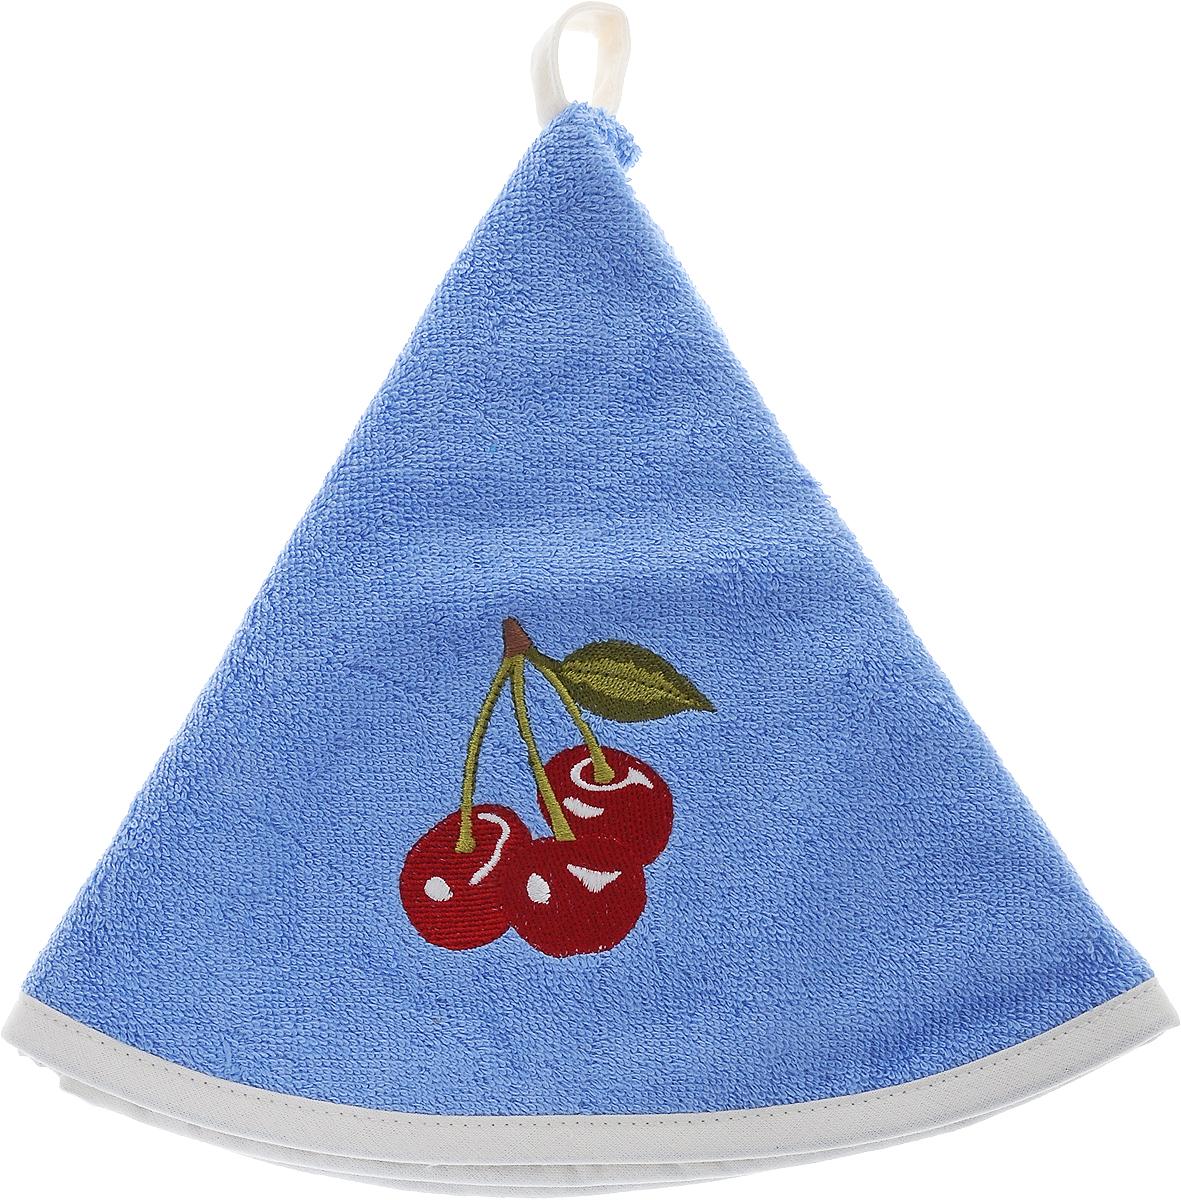 Полотенце кухонное Karna Zelina, цвет: светло-синий, диаметр 50 см3121050160Круглое кухонное полотенце Karna Zelina изготовлено из махровой ткани (100% хлопок), поэтому является экологически чистым. Качество материала гарантирует безопасность не только взрослым, но и самым маленьким членам семьи. Изделие мягкое и приятное на ощупь, оснащено удобной петелькой и украшено оригинальной вышивкой. Полотенце хорошо впитывает влагу, легко стирается в стиральной машине и обладает высокой износоустойчивостью. Кухонное полотенце Karna Zelina сделает интерьер вашей кухни стильным и гармоничным.Диаметр полотенца: 50 см.